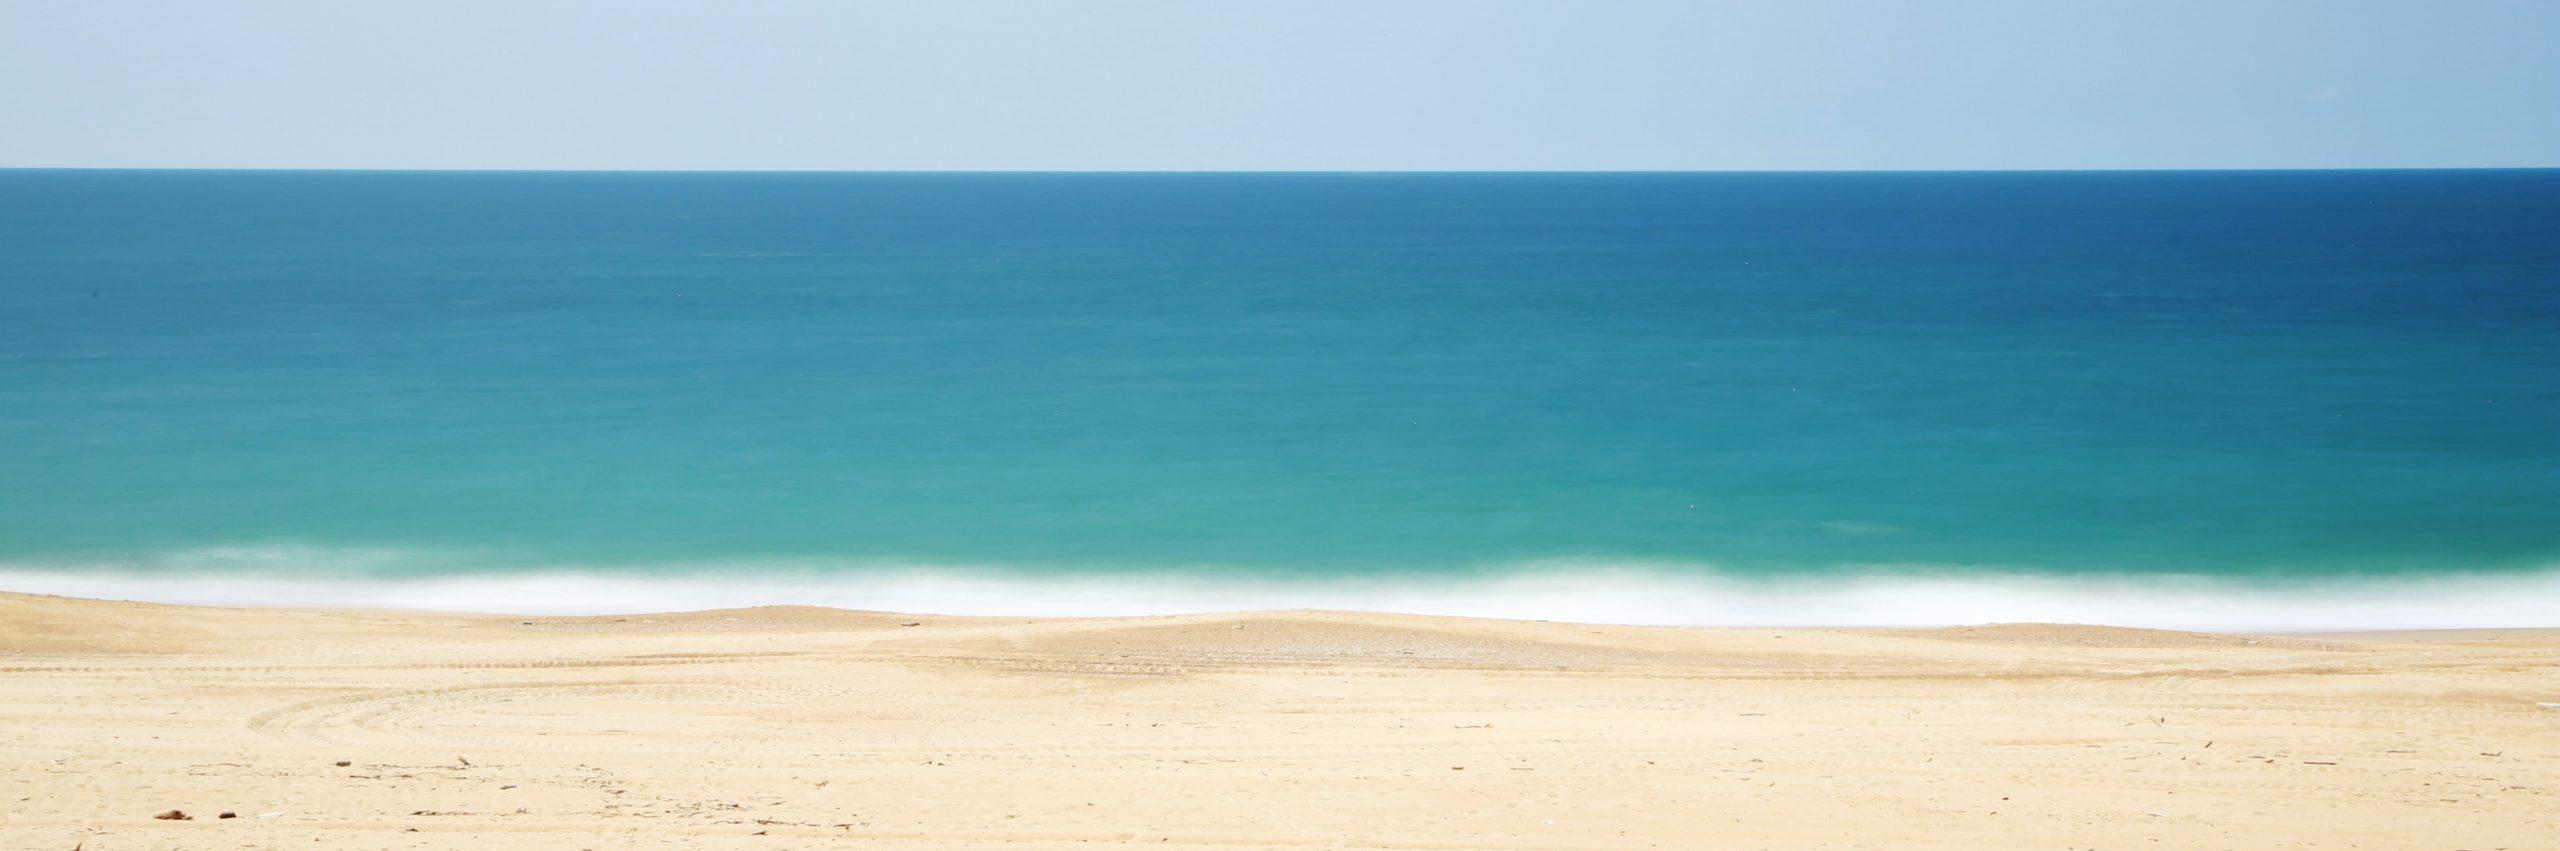 La playa es un relato escrito por Miguel Rodríguez Echeandía sobre las reflexiones que se llevan a cabo al mirar al mar.